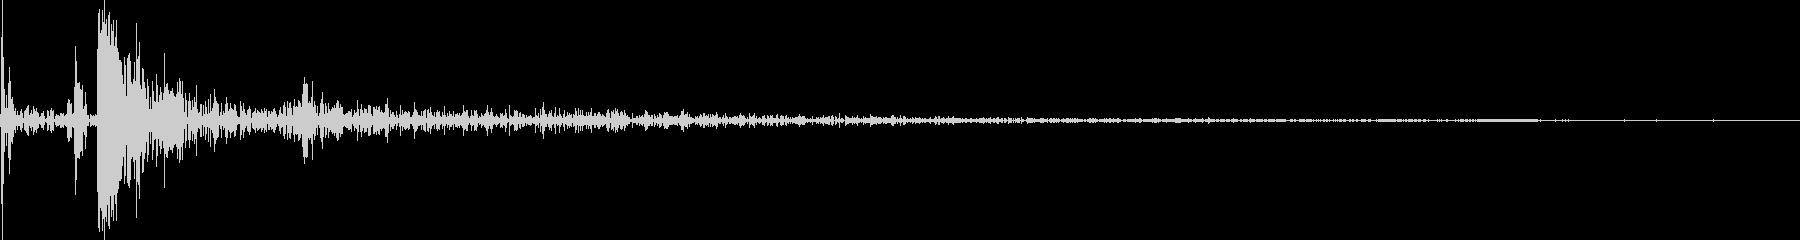 将棋の駒を盤面に置く音の未再生の波形